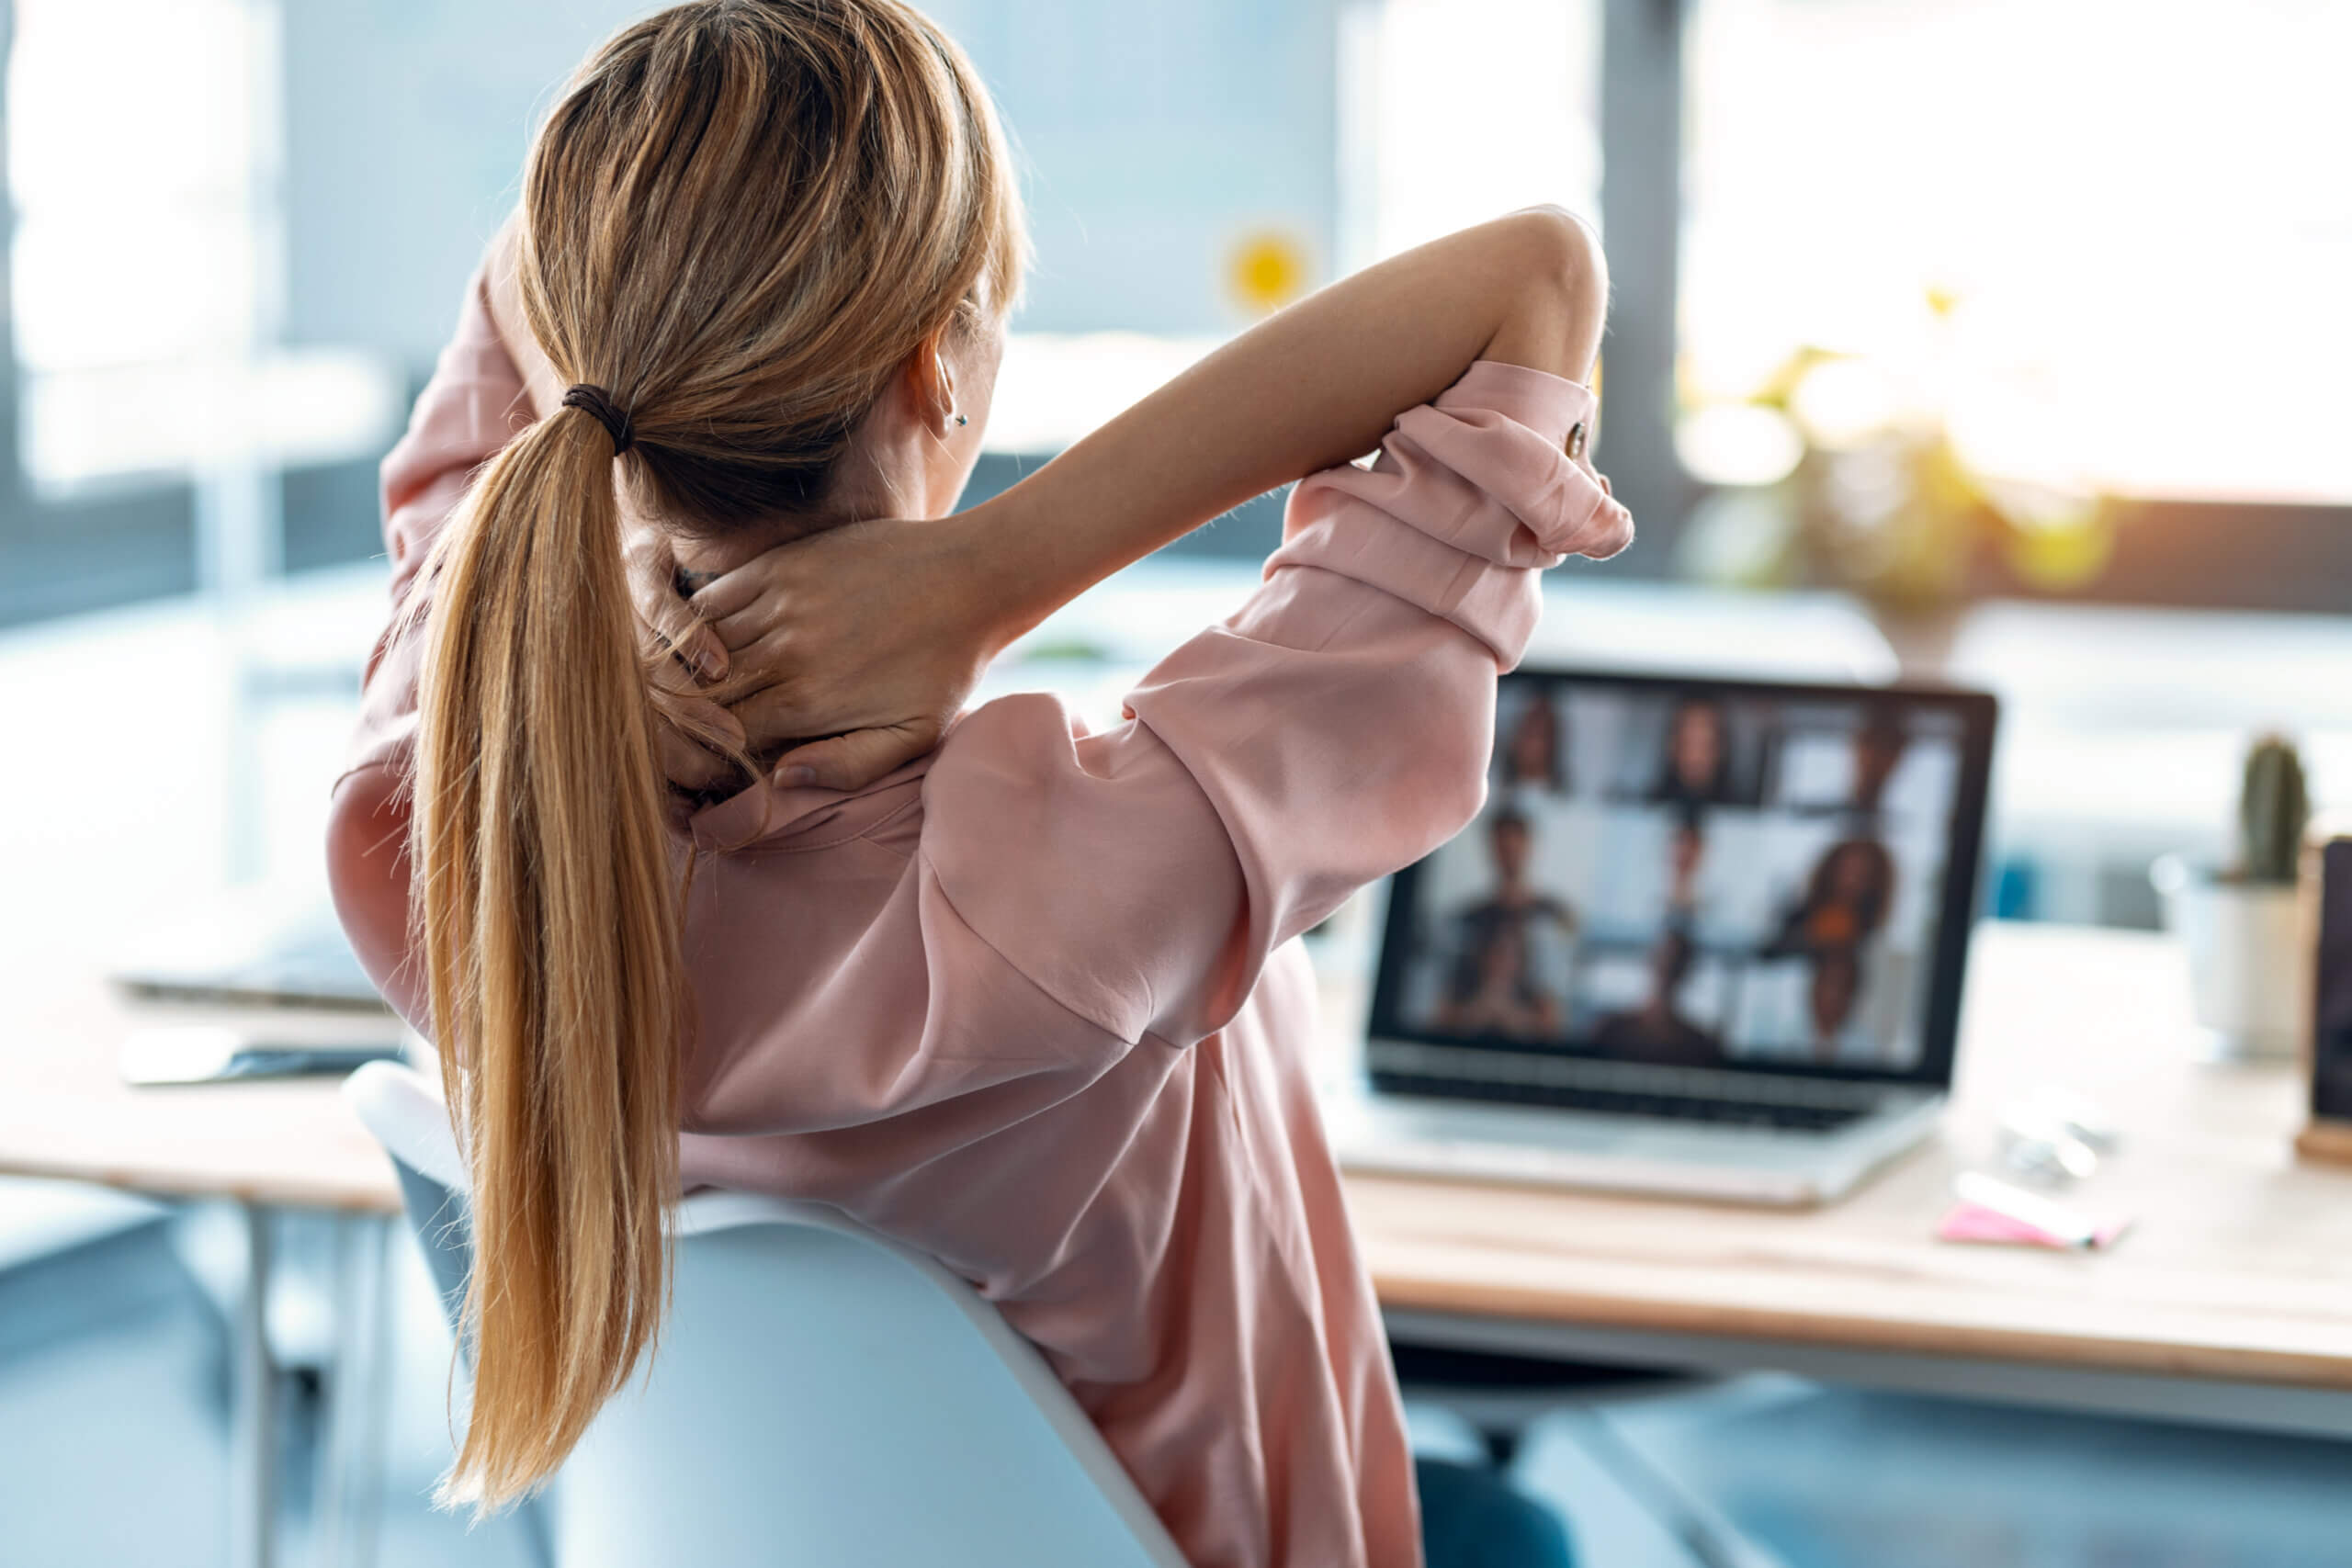 Telewerken en ergonomie: voorkomen is beter dan genezen